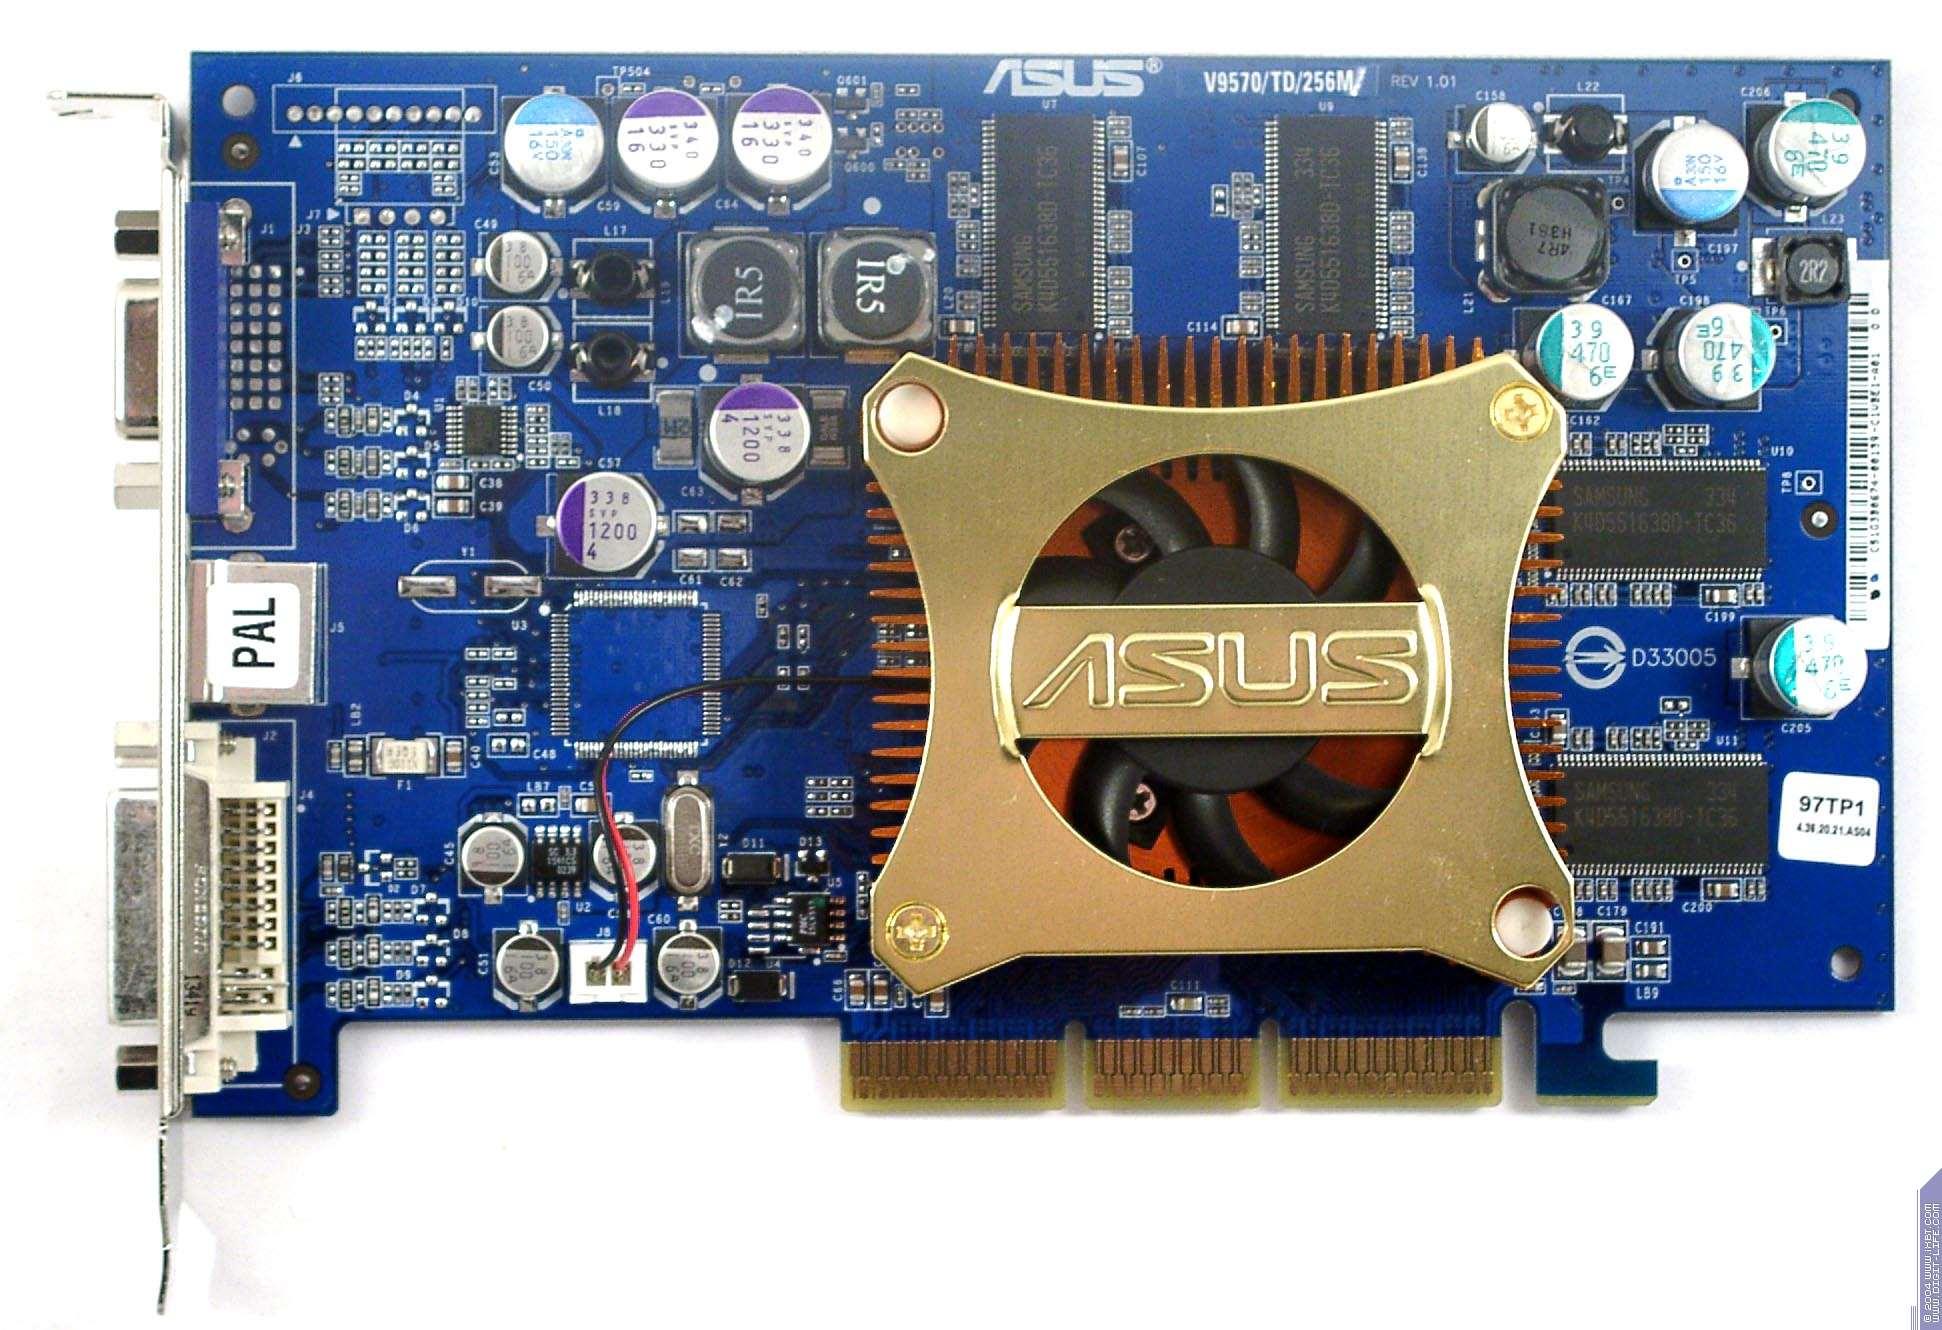 Driver for Asus V9570